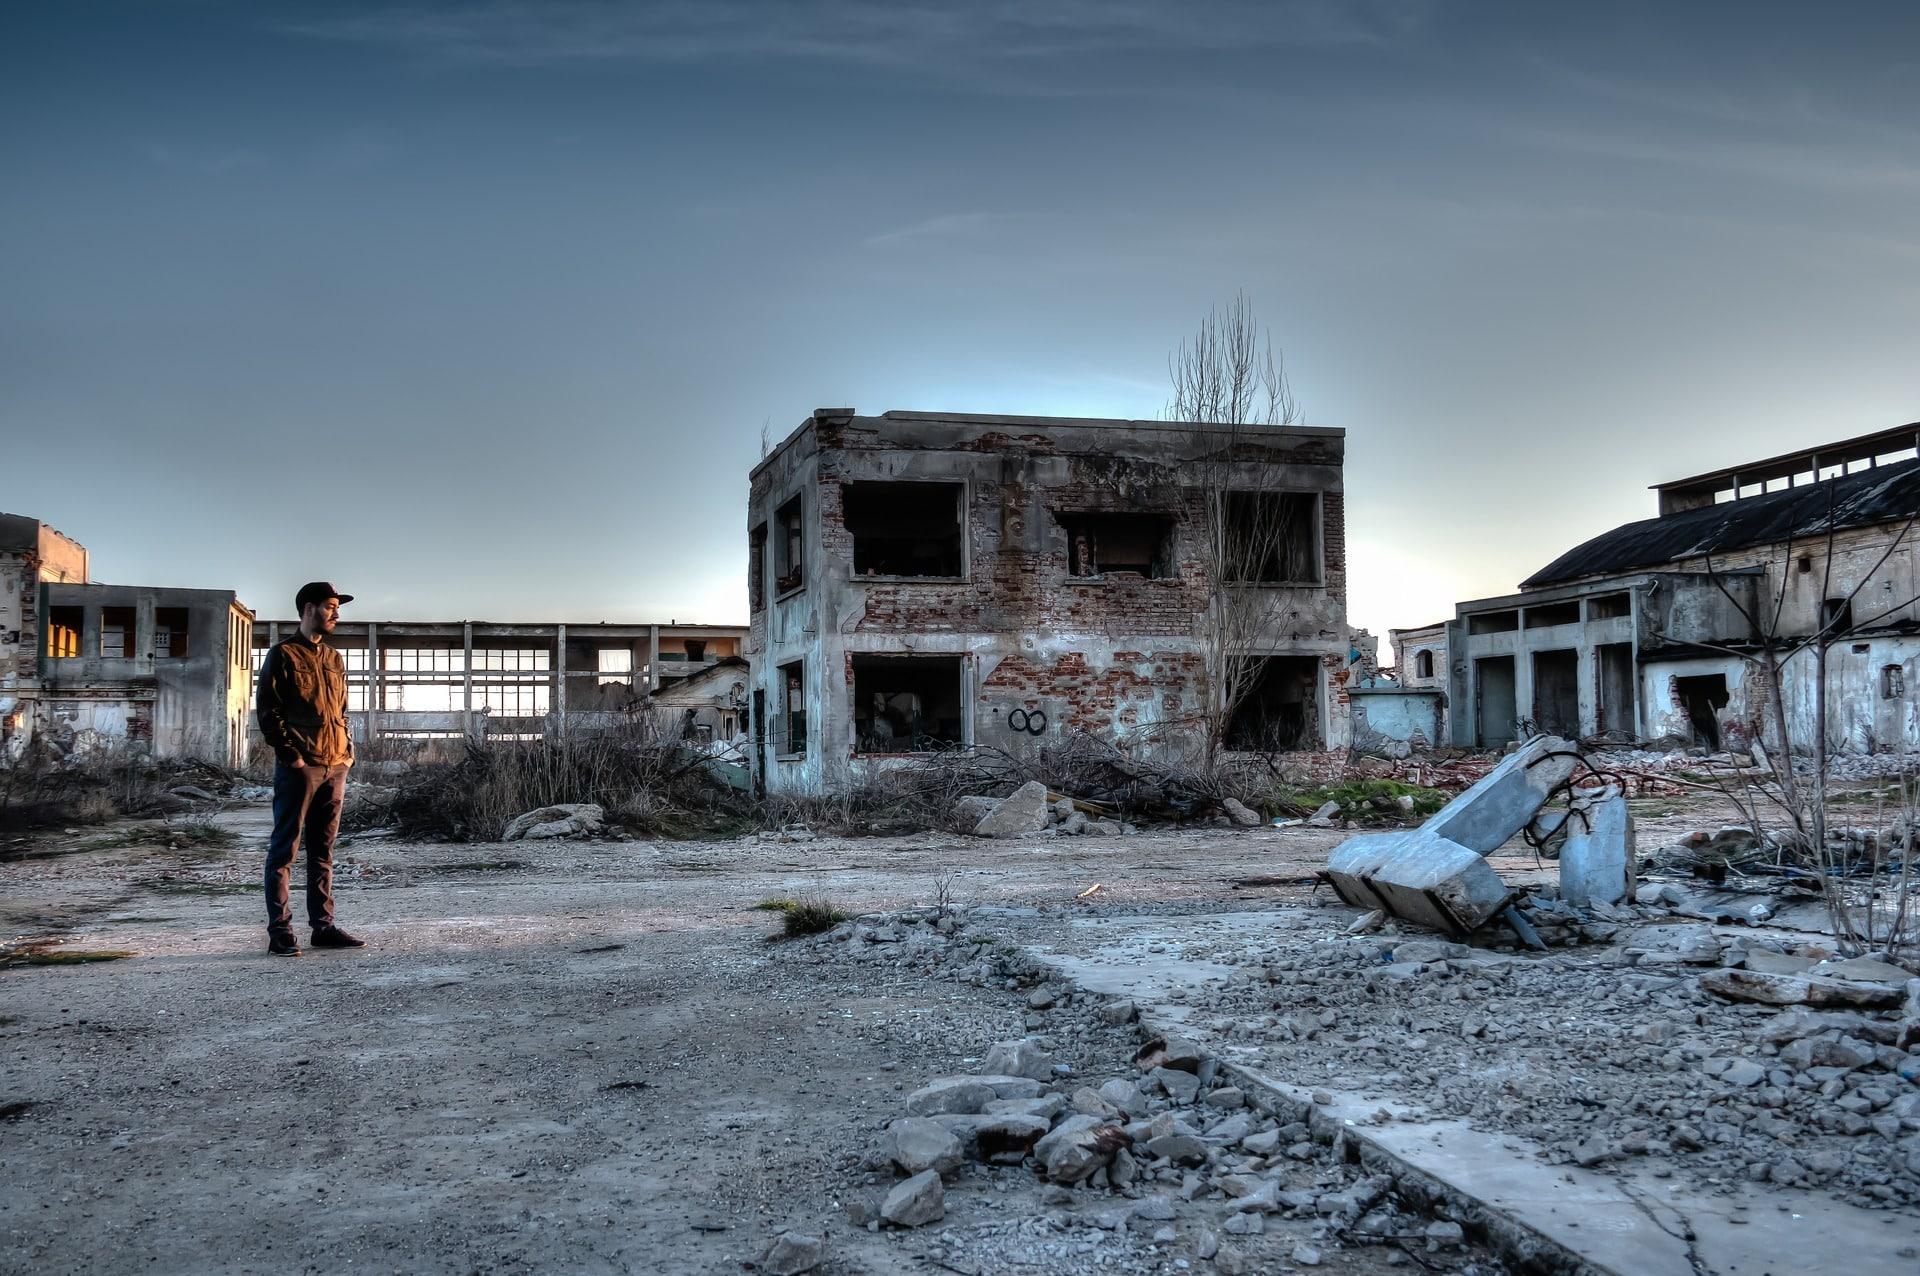 Disastro di Chernobyl: Come è successo?